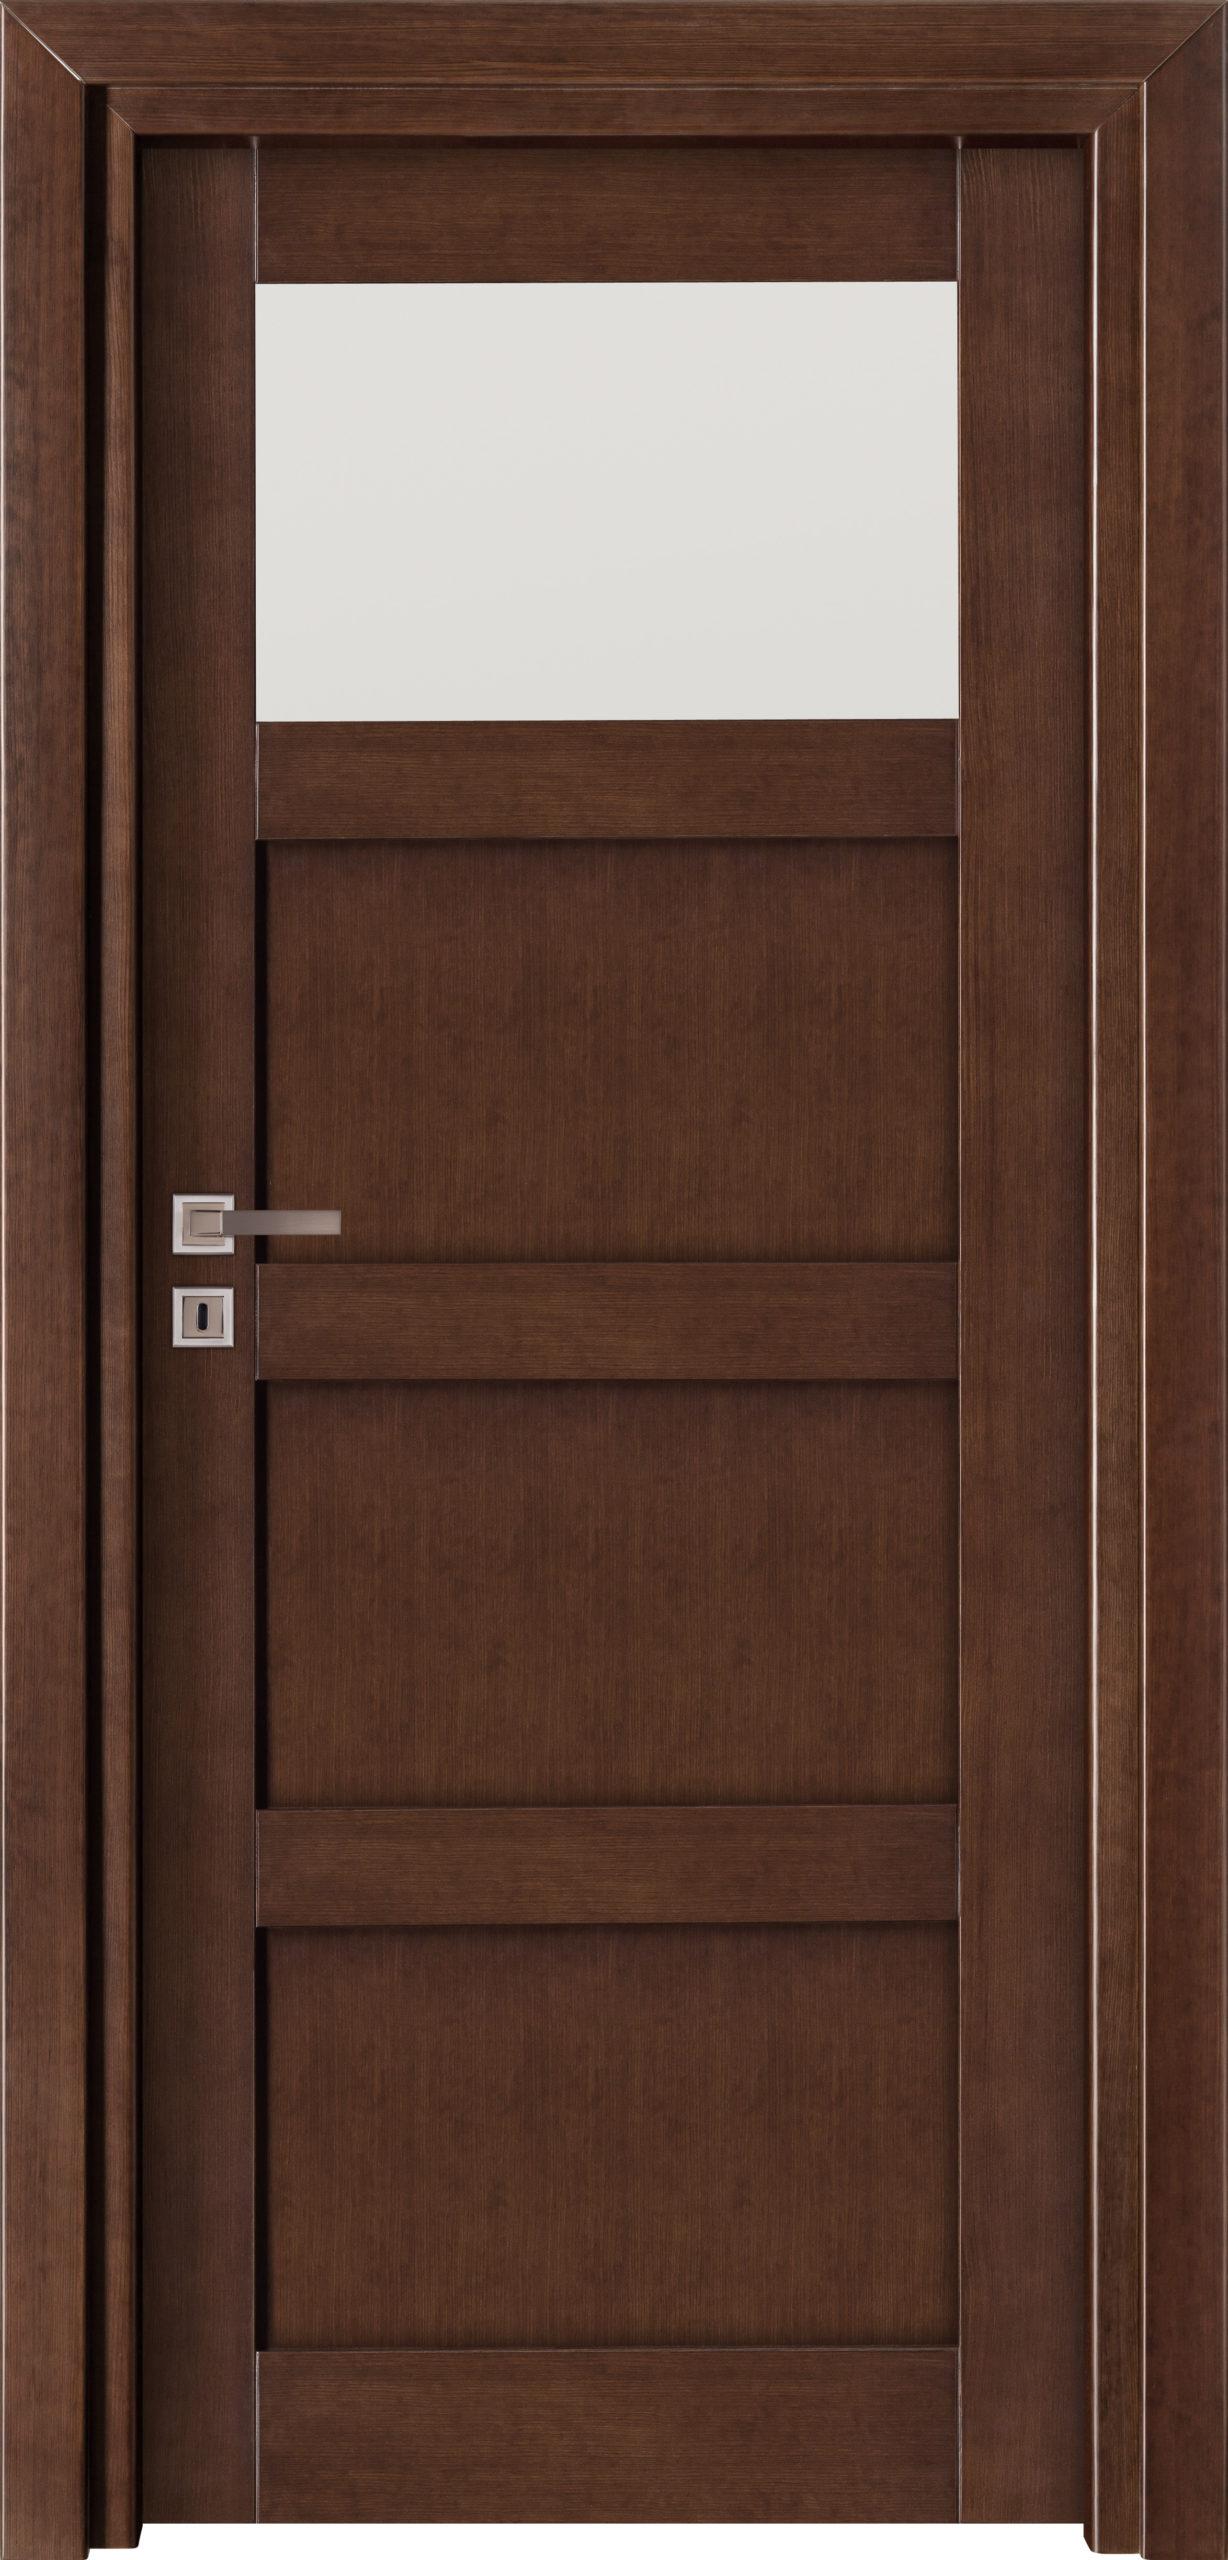 Manhattan A13 - jesion - jasny orzech - szklenie lacomat bezpieczny - ościeżnica przylgowa regulowana drewniana prosta (IIa)